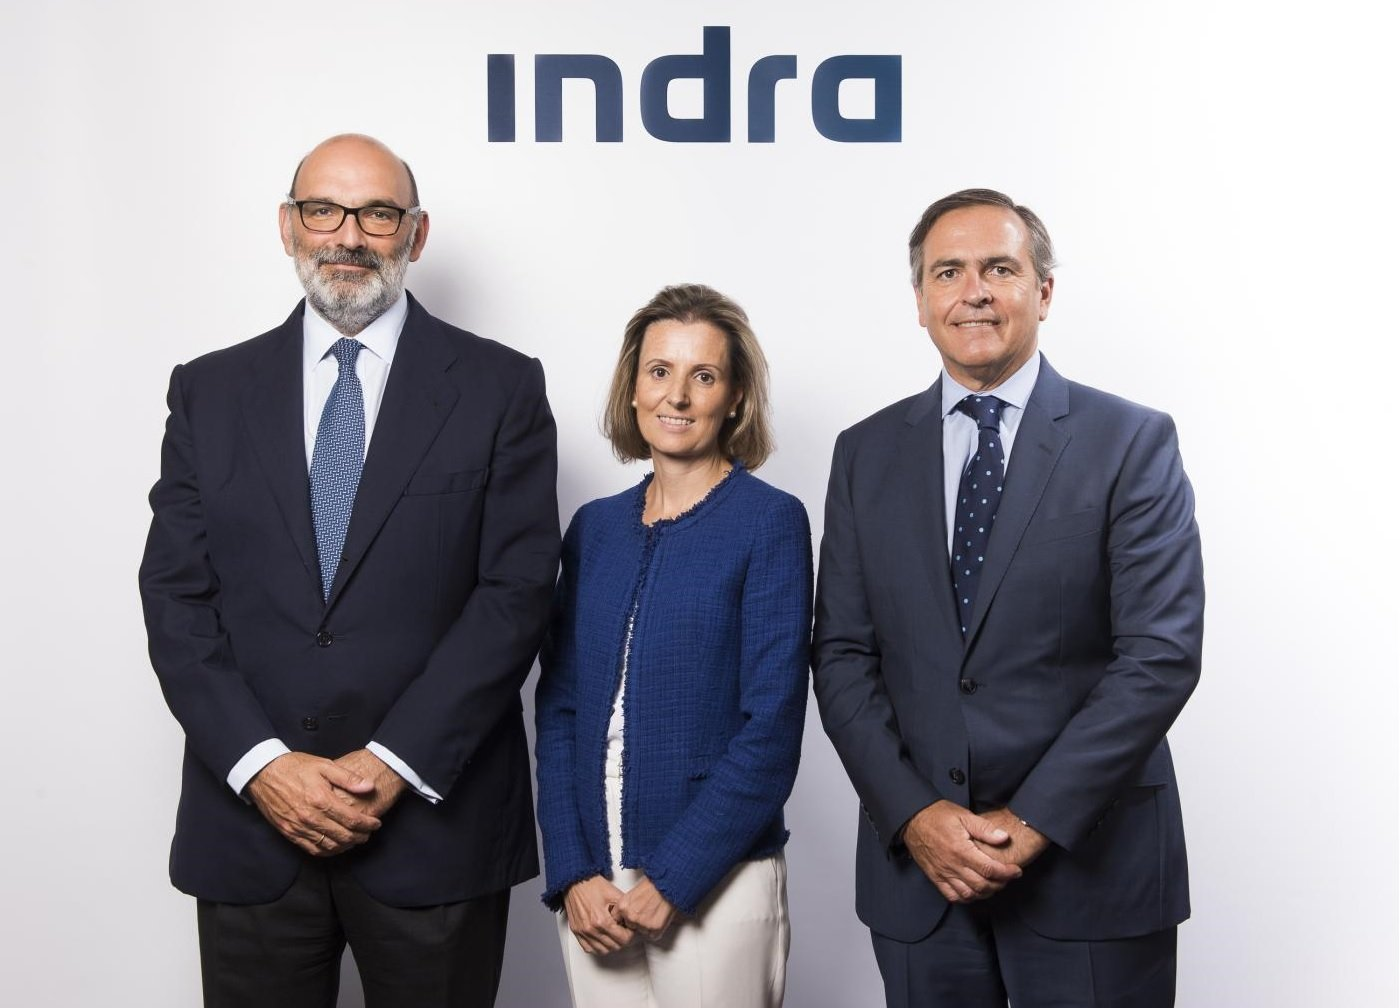 El presidente ejecutivo de Indra, Fernando Abril-Martorell (izquierda), considera que tiene dos 'CEOs': Cristina Ruiz e Ignacio Mataix